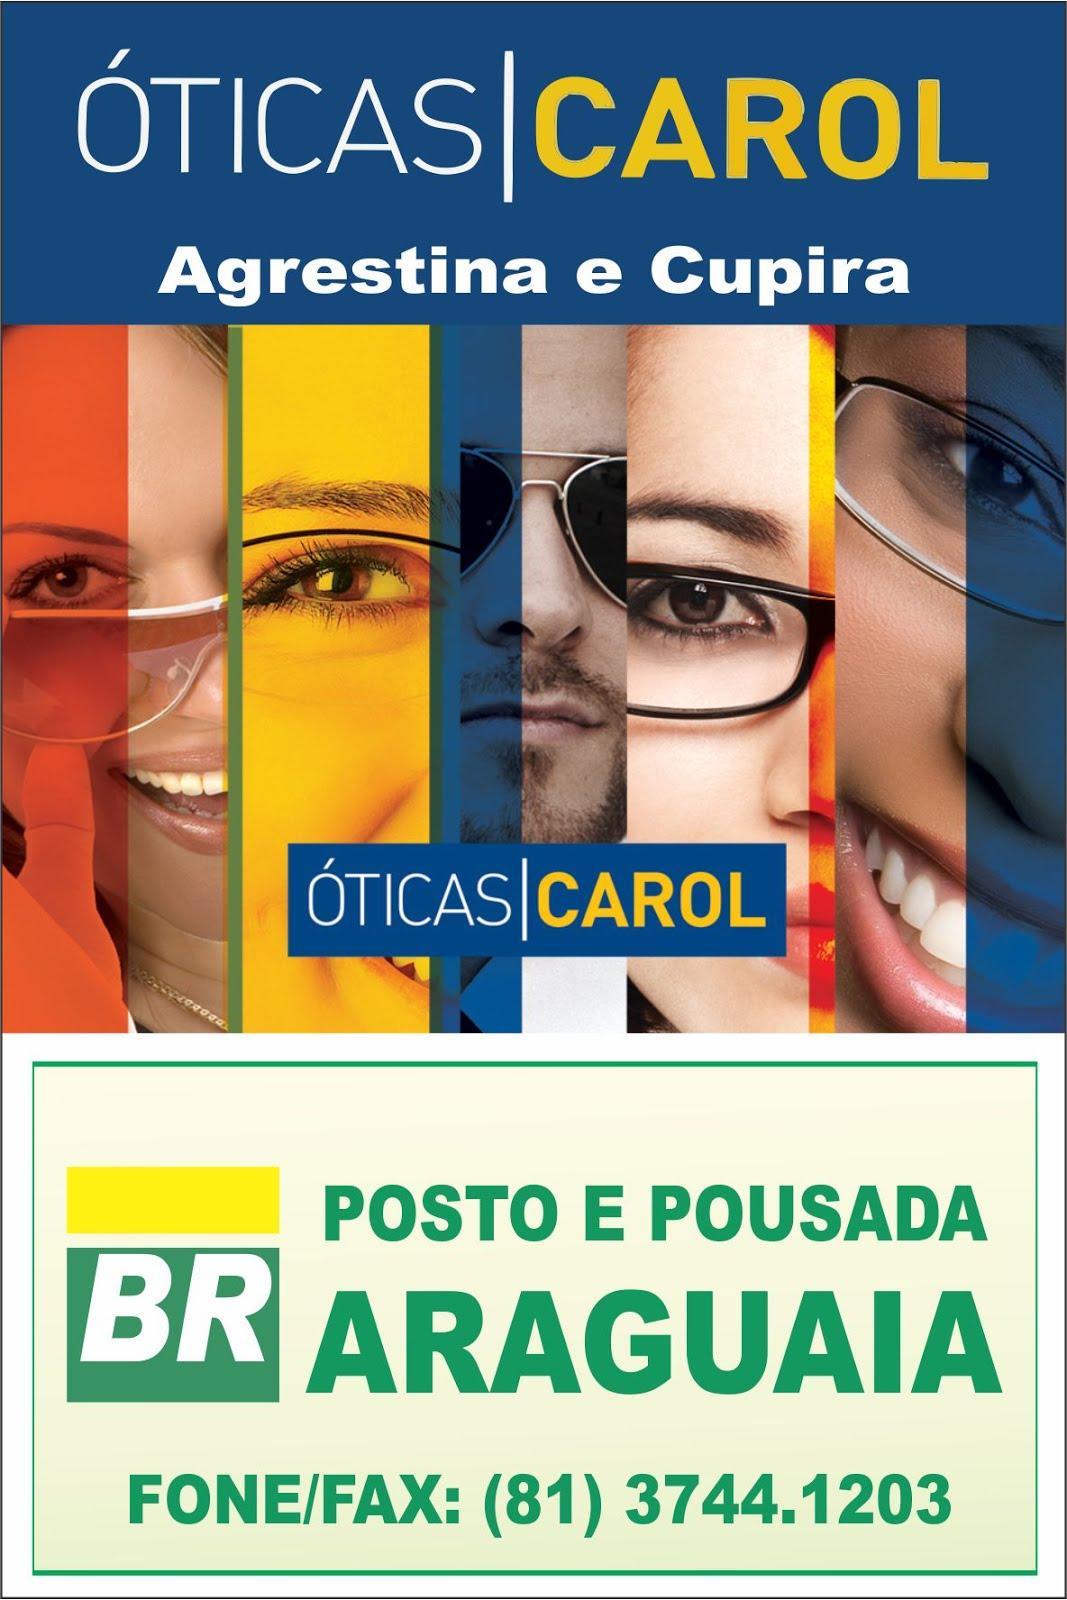 POSTO E POUSADA ARAGUAIA E ÓTICAS CAROL EM AGRESTINA